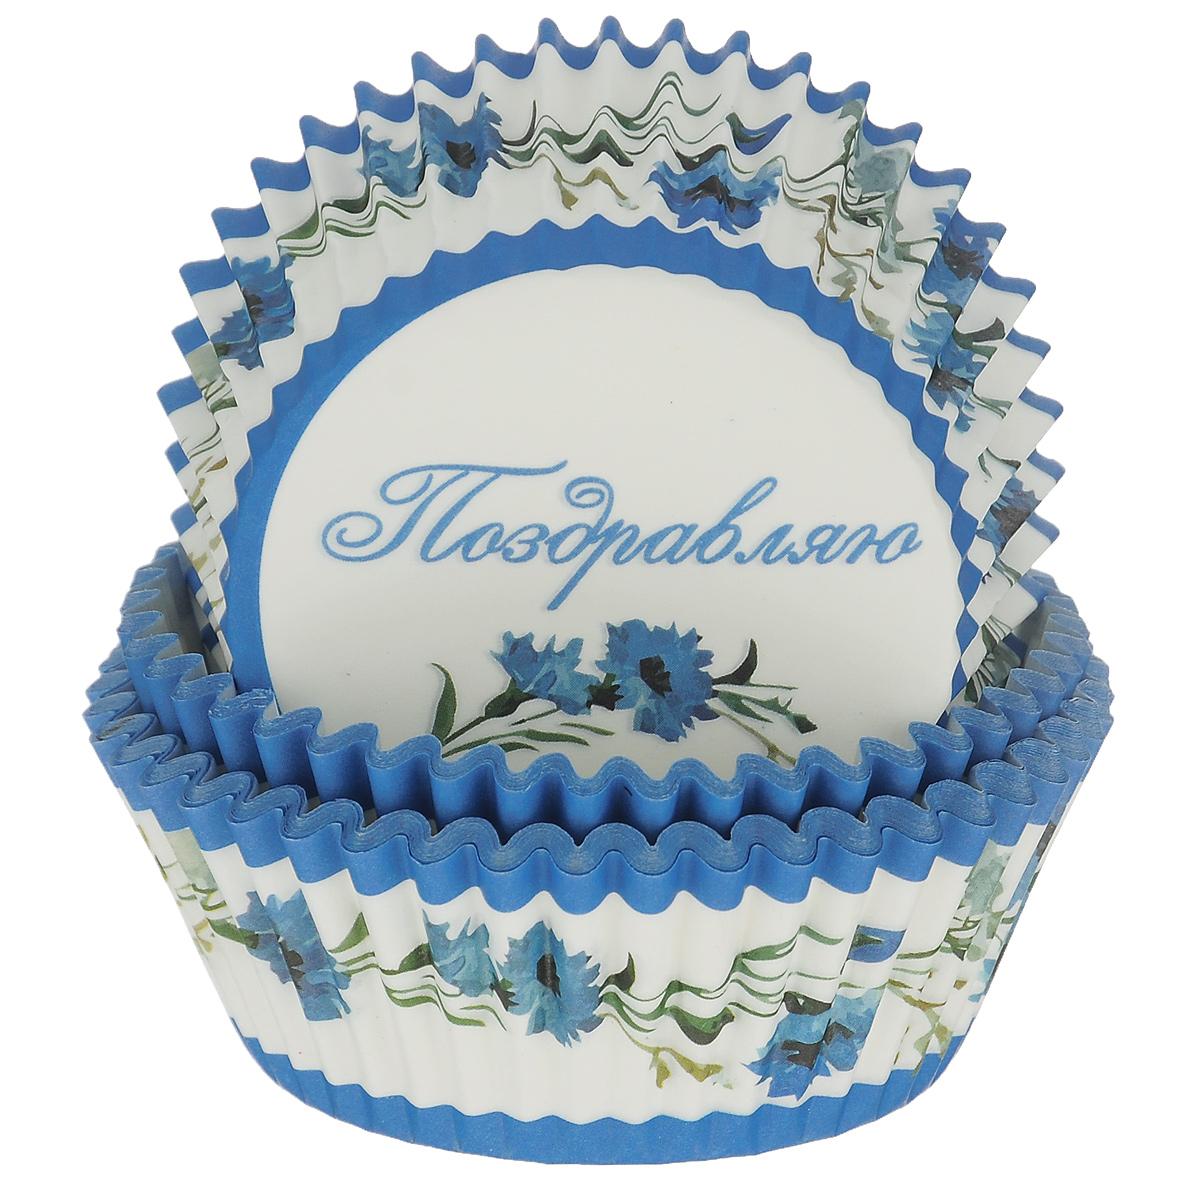 Набор бумажных форм для кексов Dolce Arti Васильки, цвет: синий, белый, диаметр дна 5 см, 50 шт68/5/4Набор Dolce Arti Васильки состоит из 50 бумажных форм для кексов, оформленных изображением васильков. Дно форм оформлено надписью Поздравляю.Они предназначены для выпечки и упаковки кондитерских изделий, также могут использоваться для сервировки орешков, конфет и много другого. Для одноразового применения. Гофрированные бумажные формы идеальны для выпечки кексов, булочек и пирожных.Высота стенки: 3 см. Диаметр по верхнему краю: 7 см.Диаметре дна: 5 см.